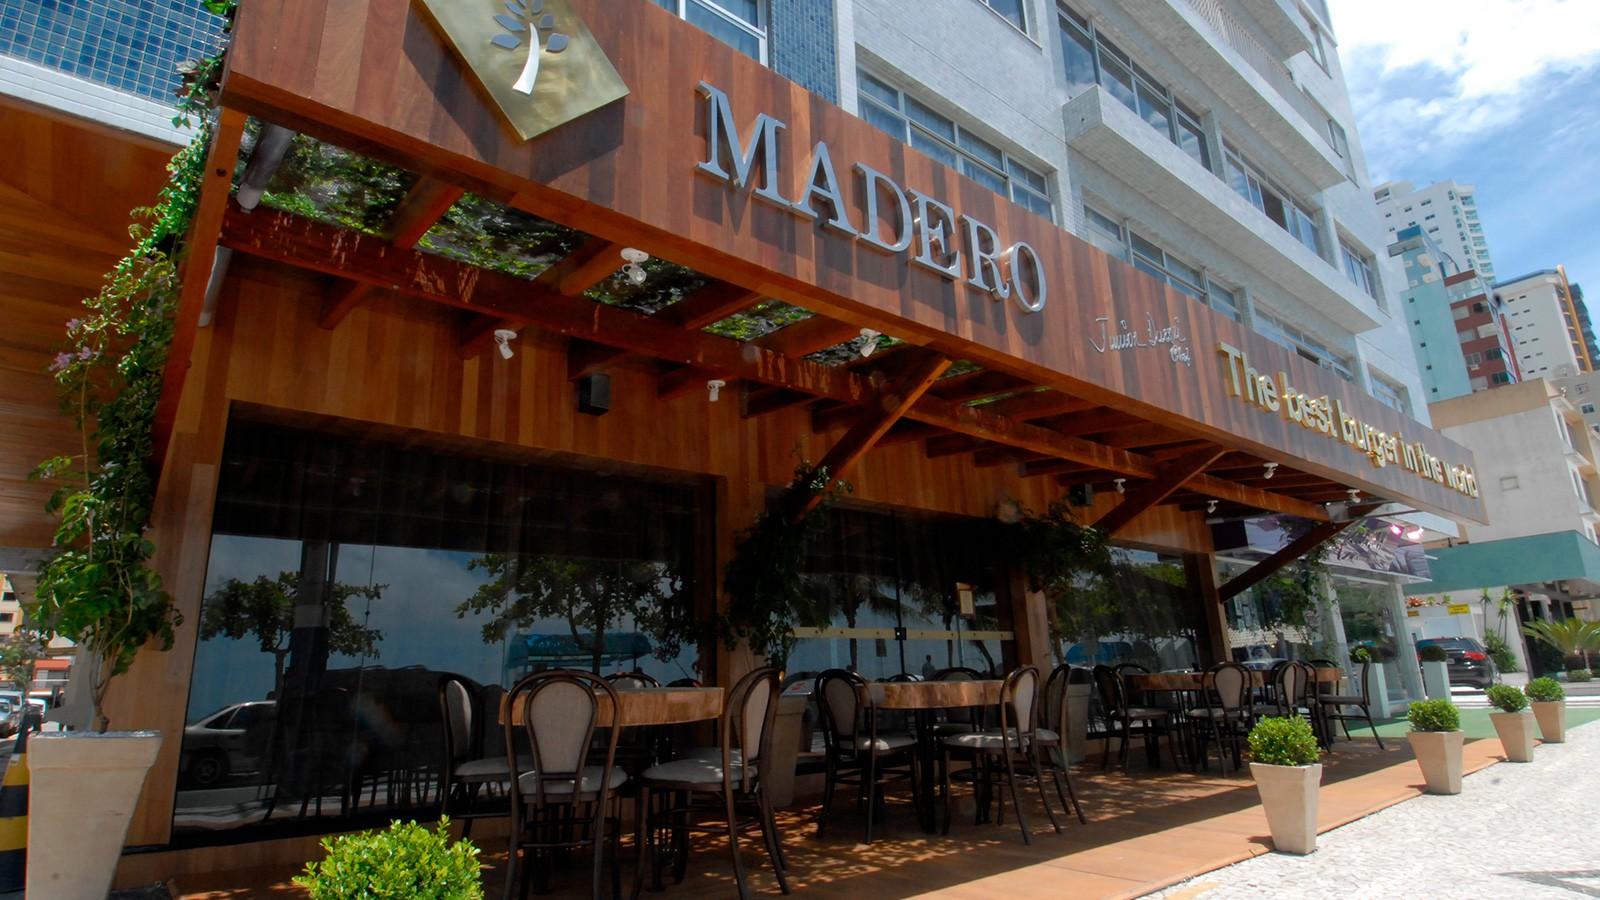 Madero: O hambúrguer do Madero faz o mundo melhor